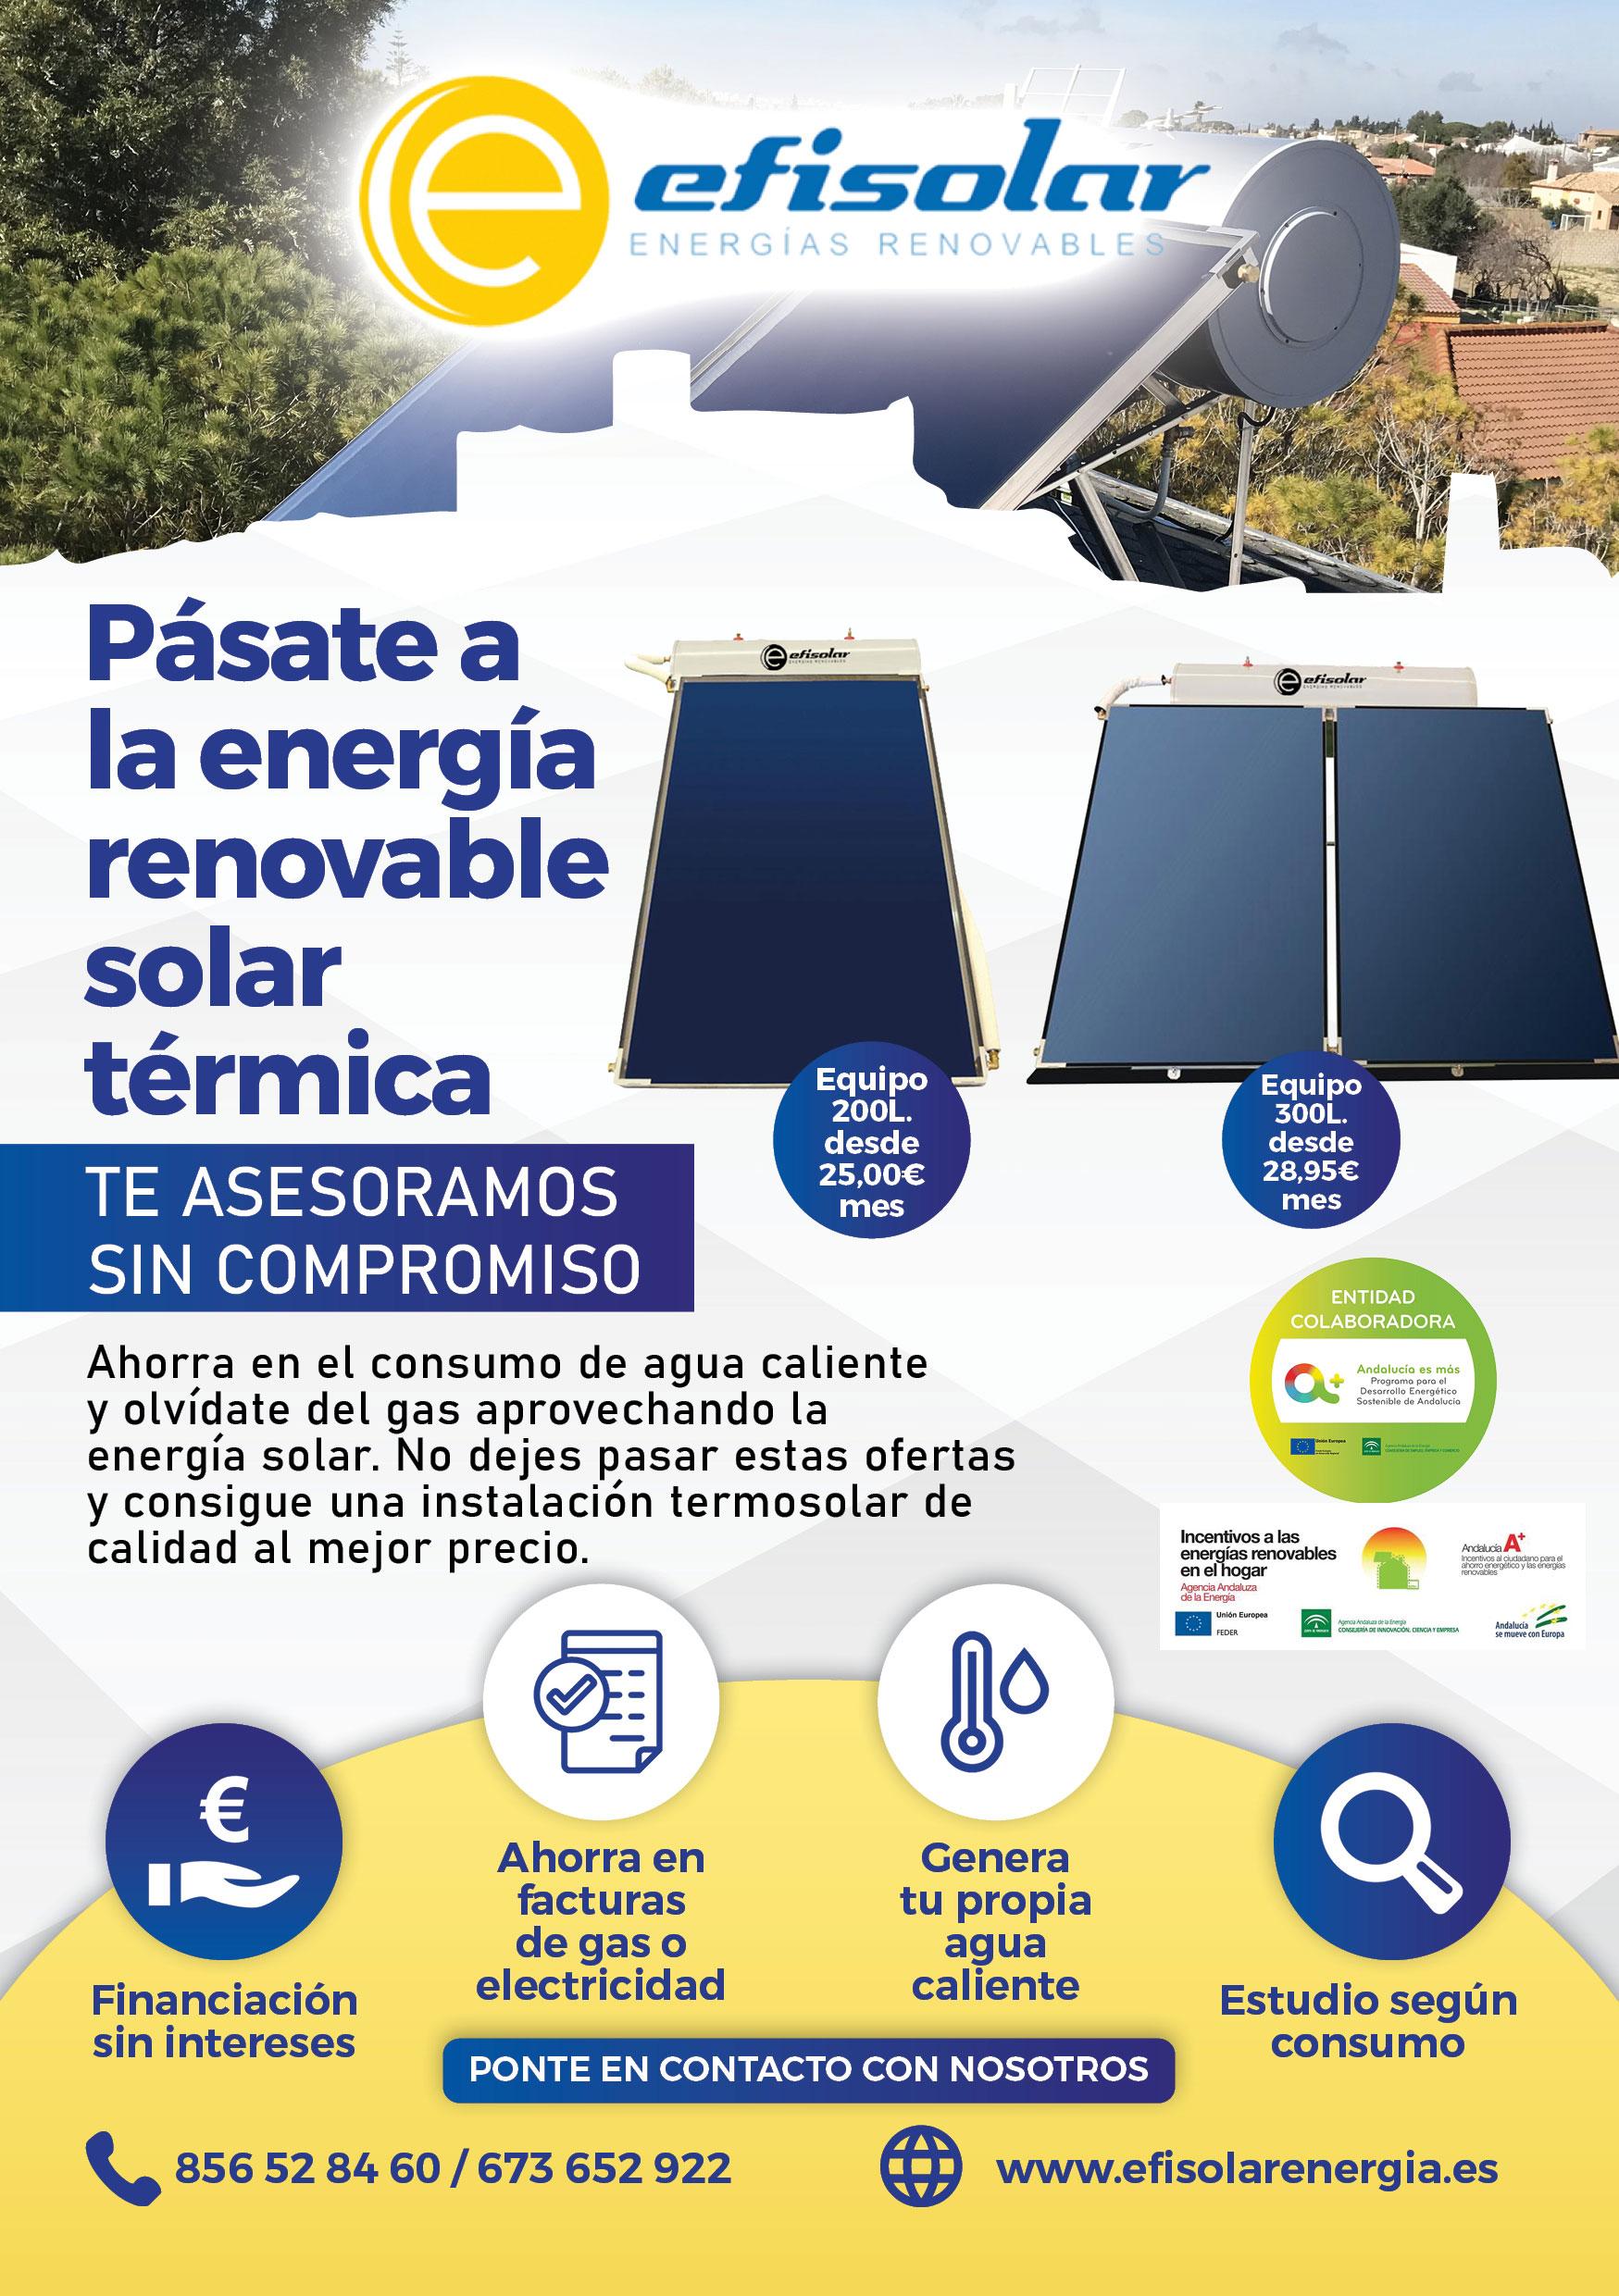 Instalaciones termosolares fotovoltaicas - Energía Solar Térmica - Efisolar Energías Renovables - Cádiz - Arcos de la frontera